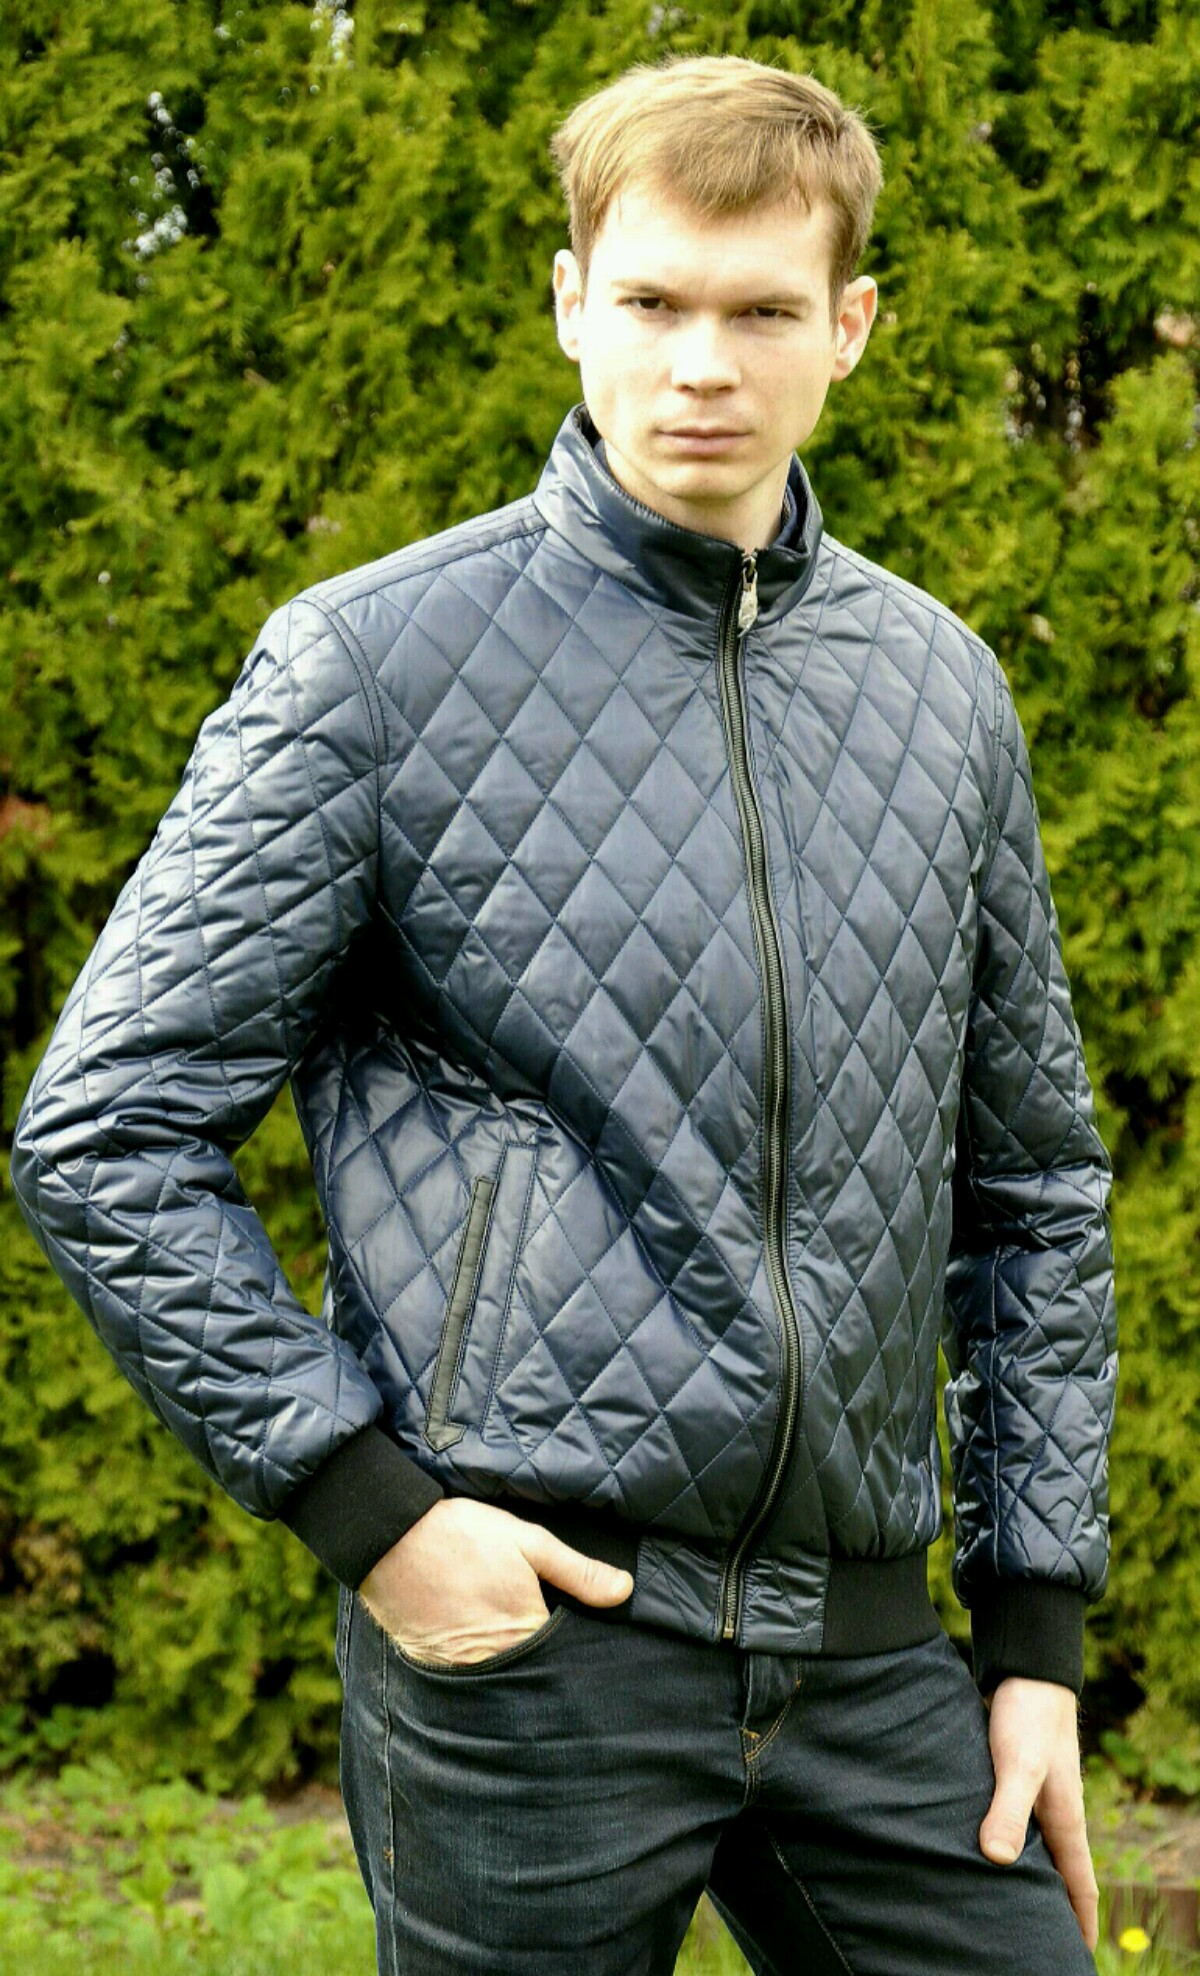 Мужская весенняя   осенняя куртка City Savani синяя под резинку типа  американская летная или бомбер простеганная f8ef8bee0d2c7